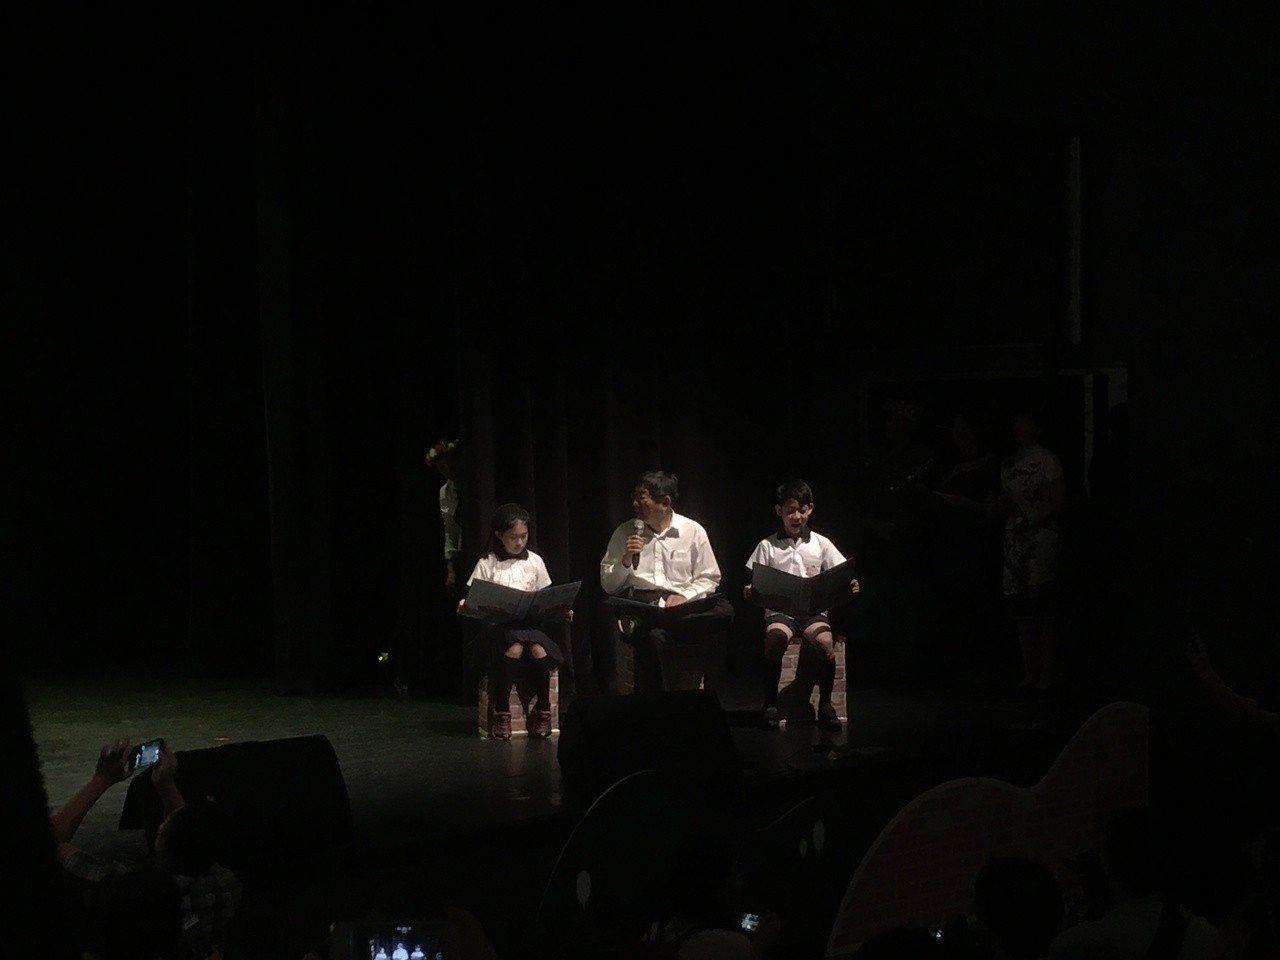 台北市長柯文哲今天出席「營造本土語言友善學習環境計畫」活動。記者張世杰/攝影